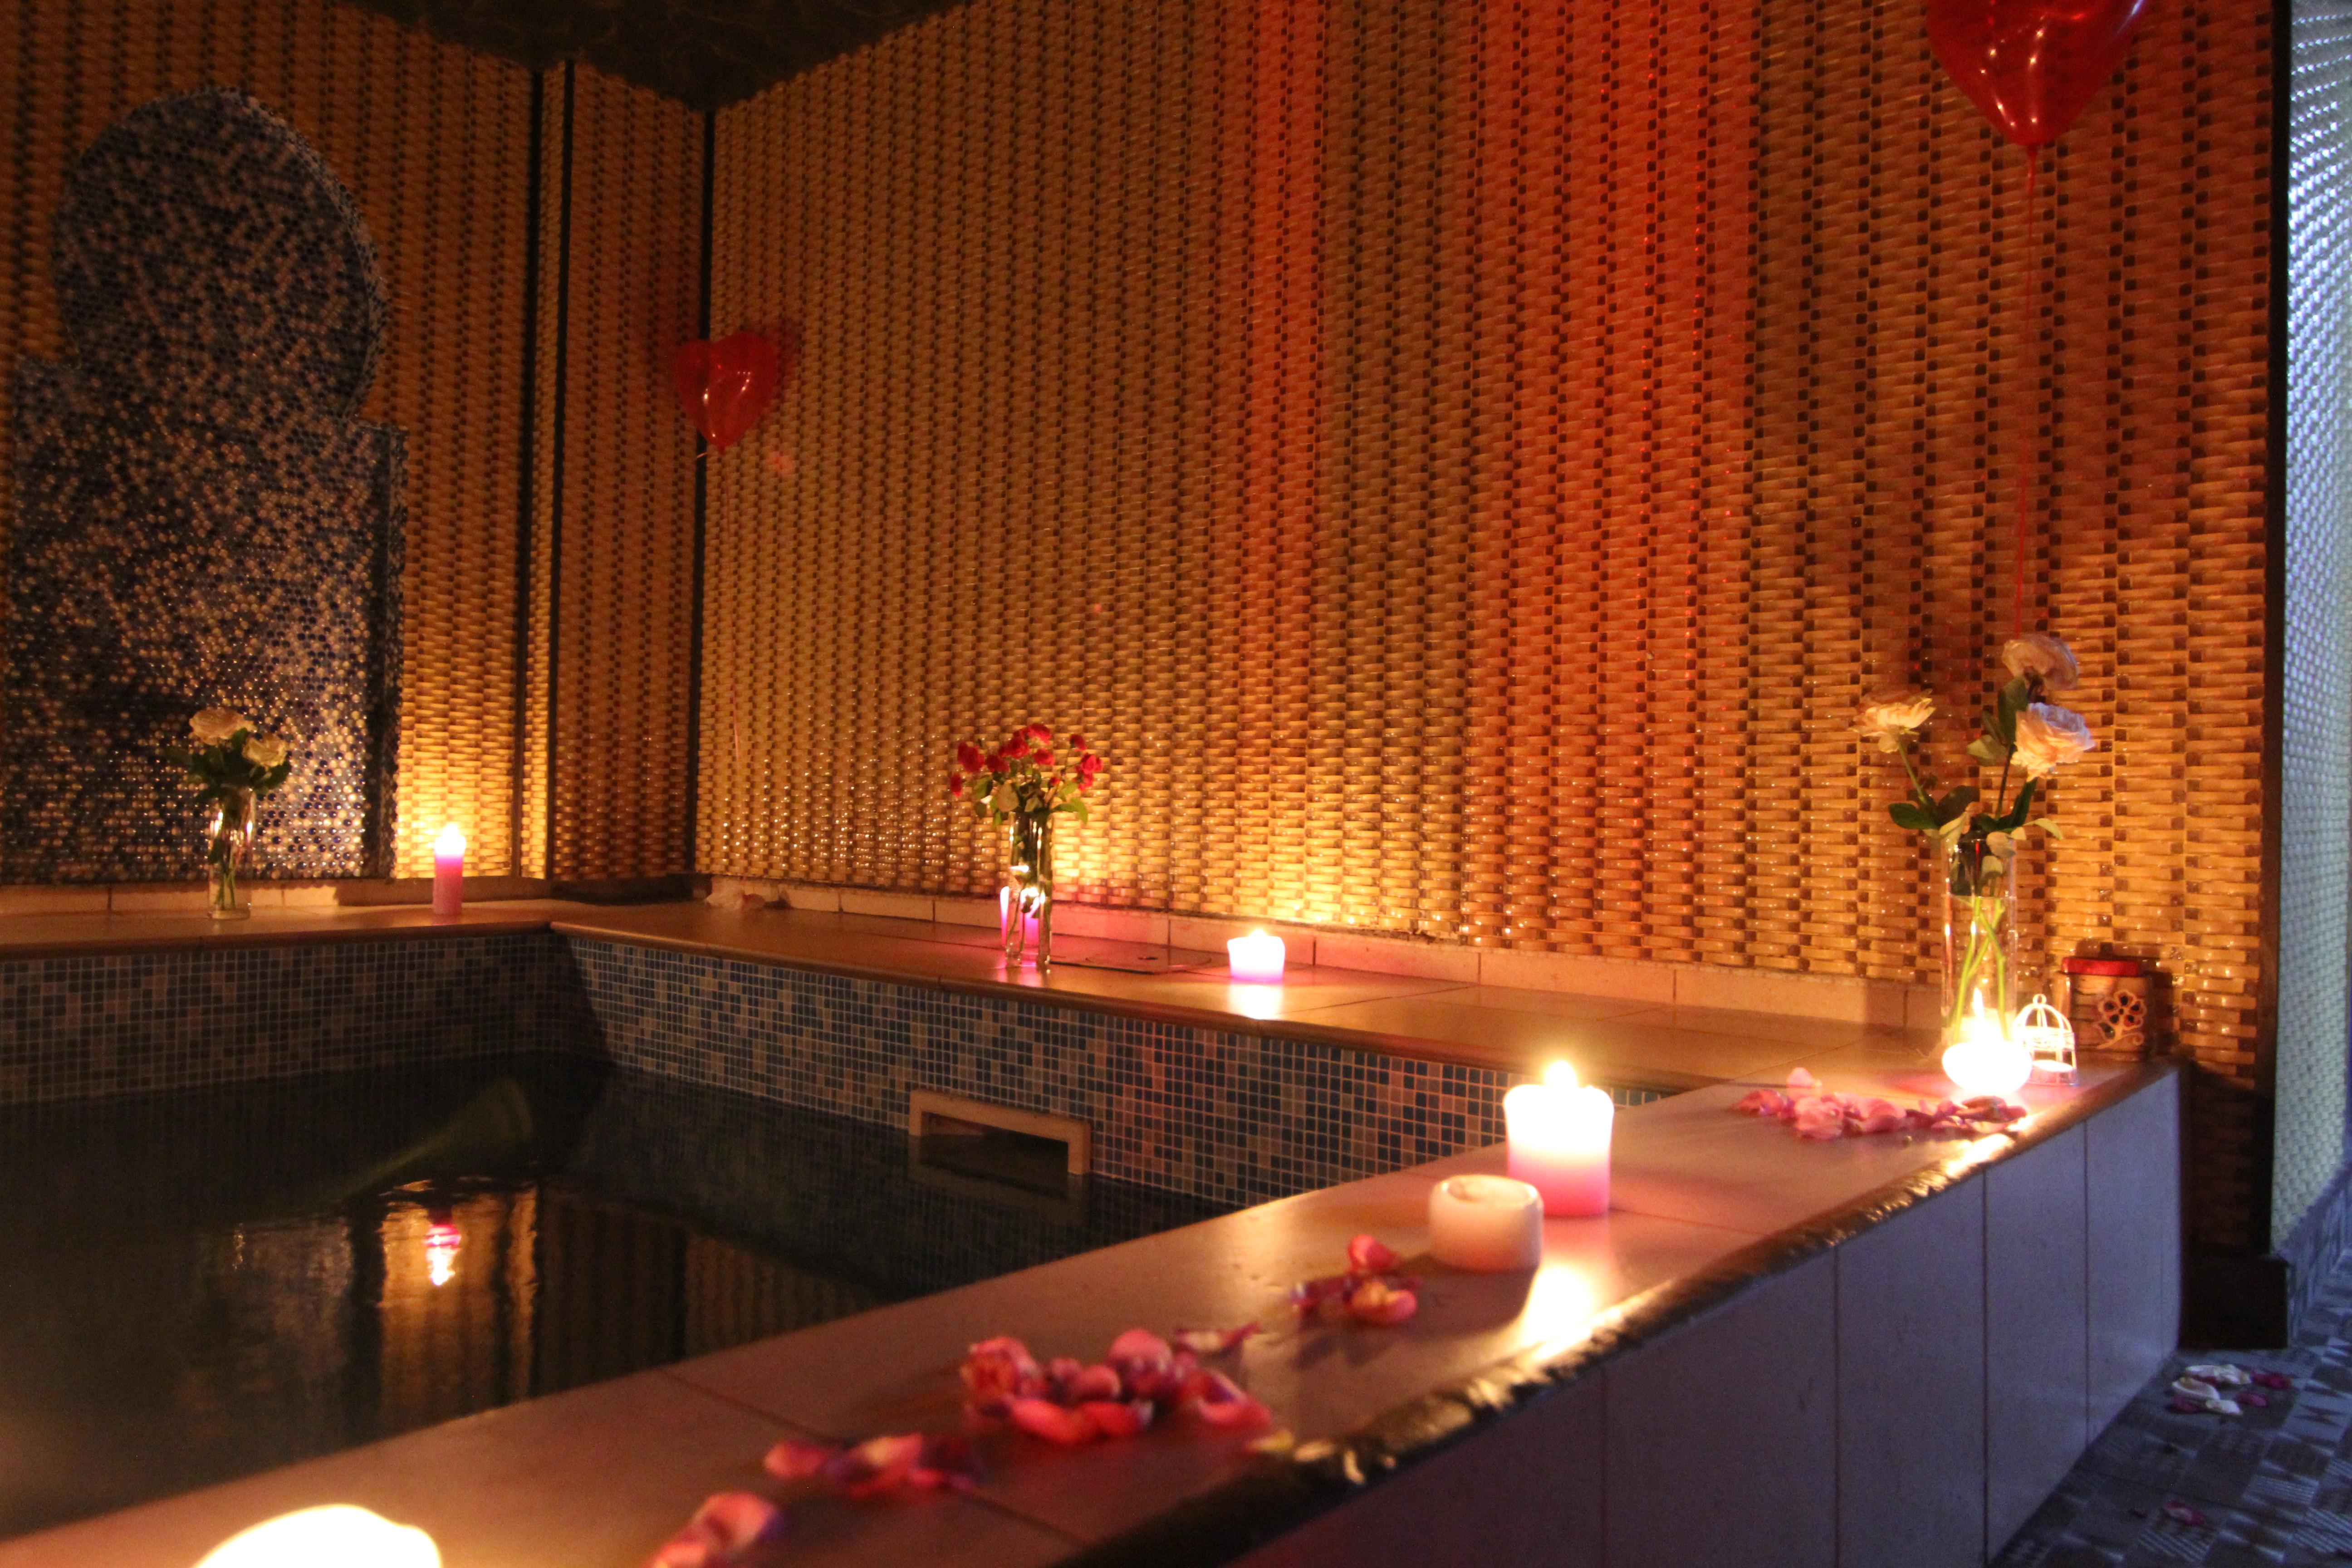 Альтечо, Романтический ужин в бассейне (12)